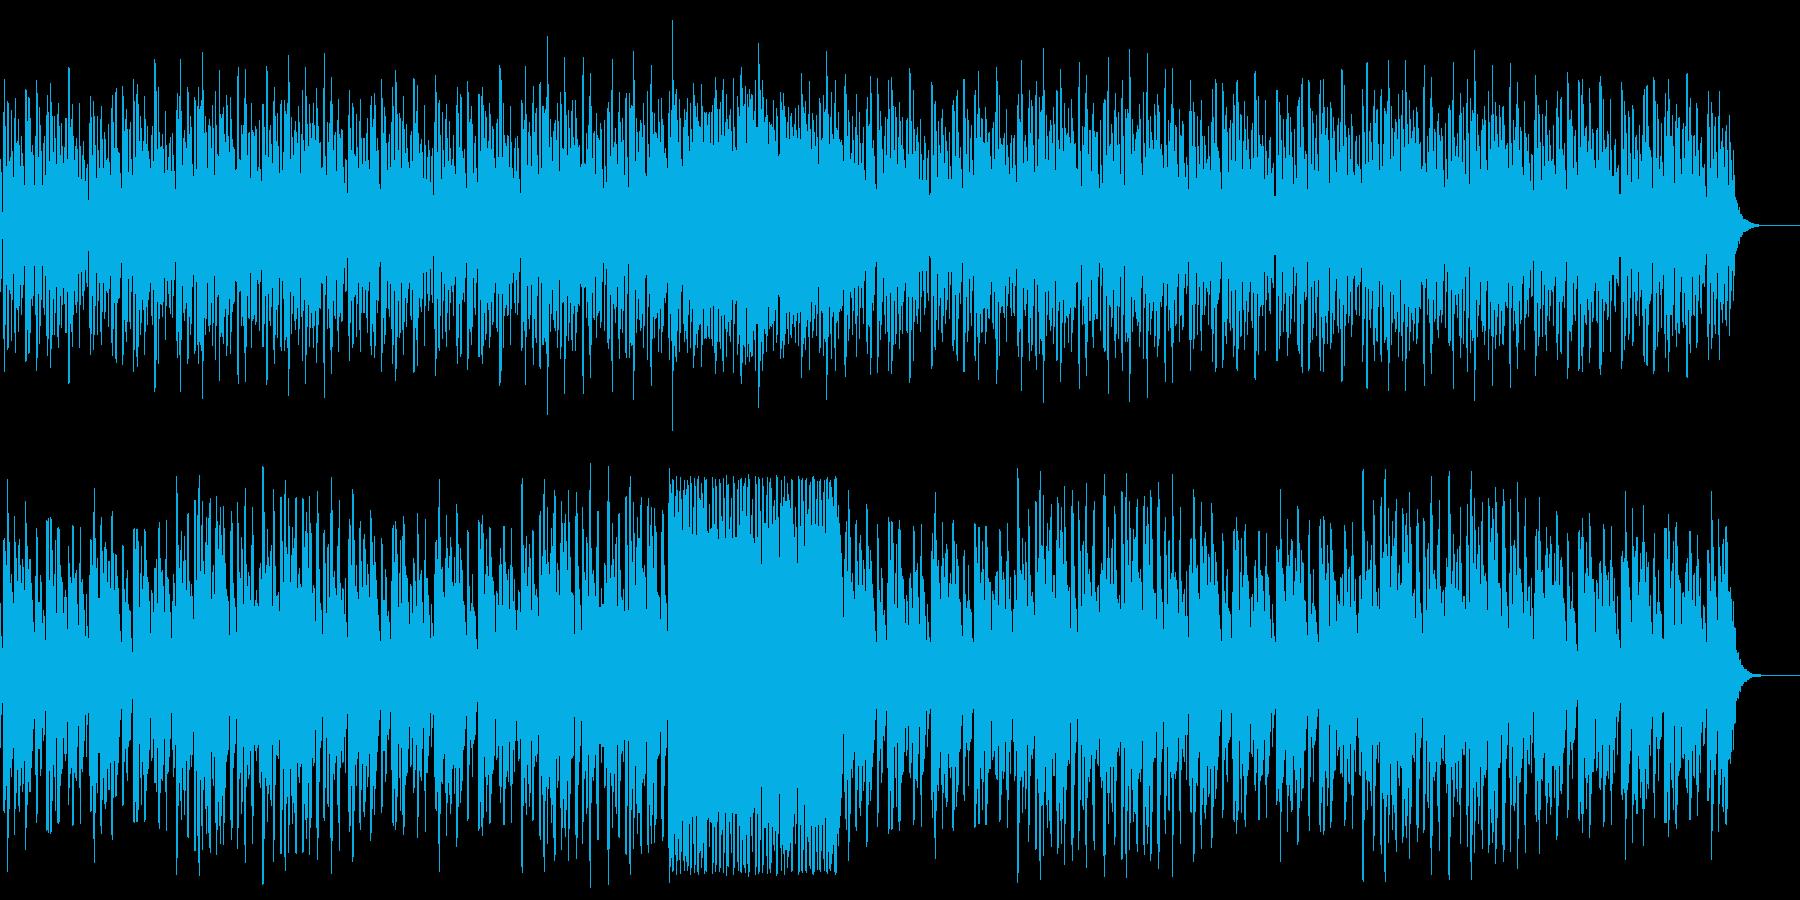 可愛い温かみハネ感のある木琴の曲の再生済みの波形